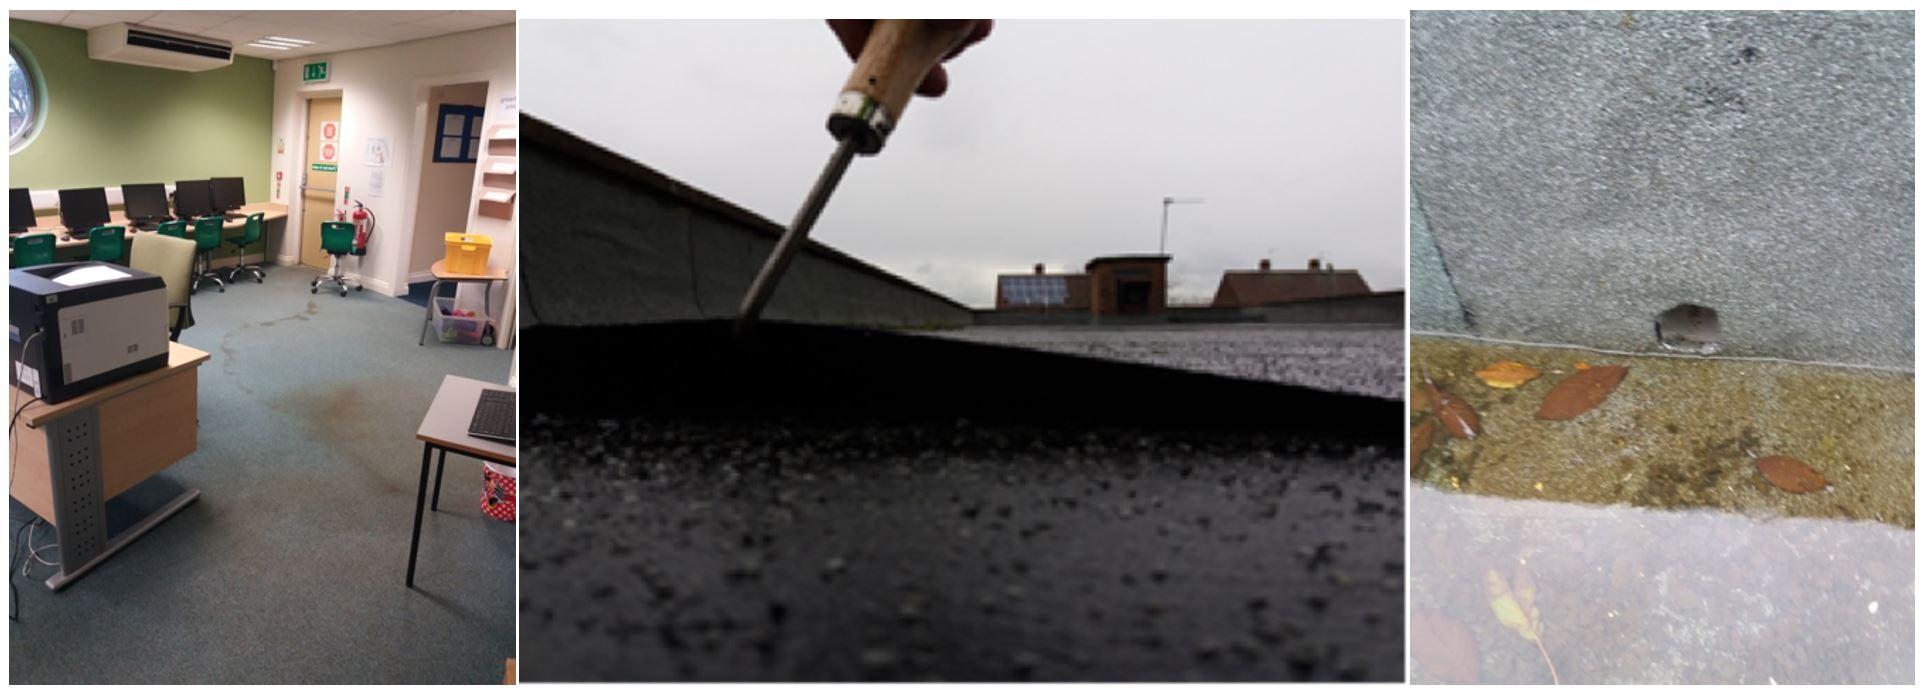 school roof refurbishment failures